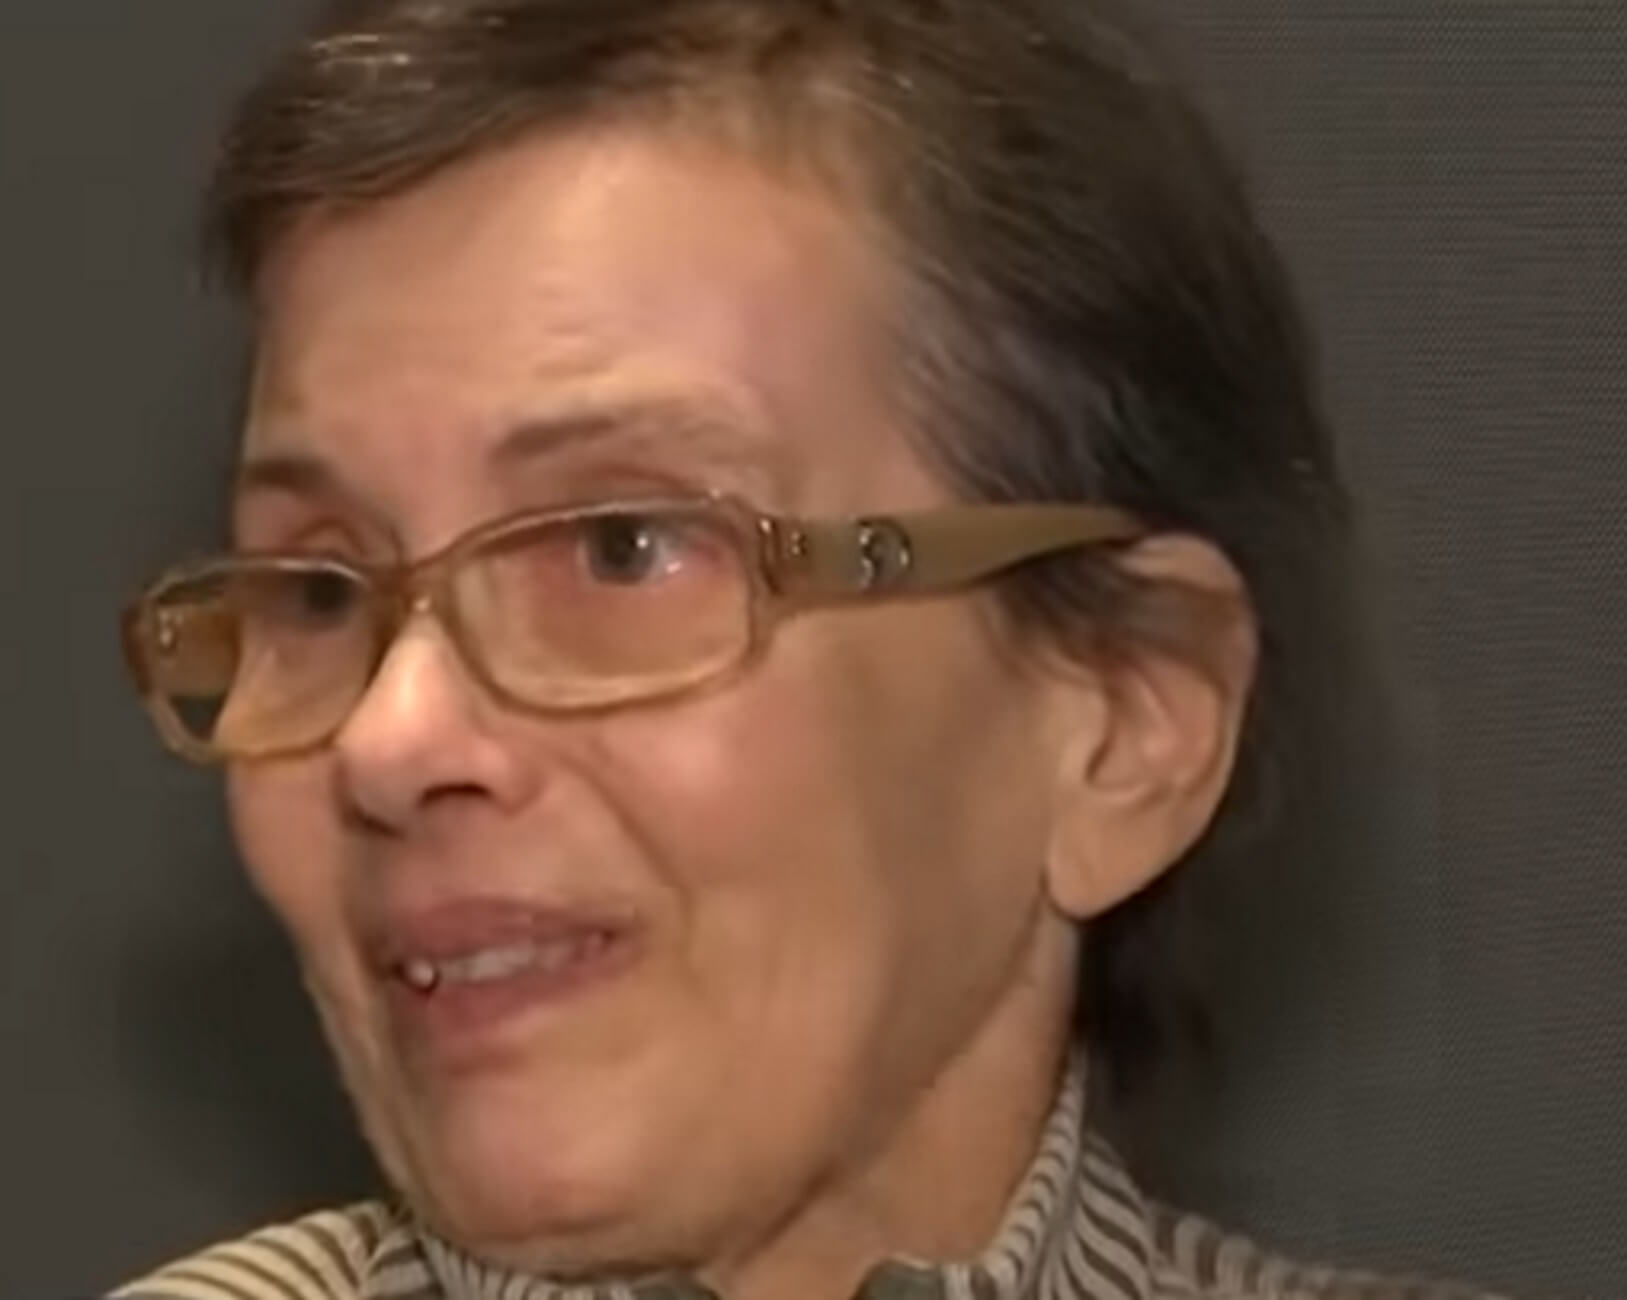 """Μάτι: Συγκλονίζει η εγκαυματίας που επέστρεψε από την κόλαση – """"Ζητούσα να με αφήσουν να πεθάνω""""!"""